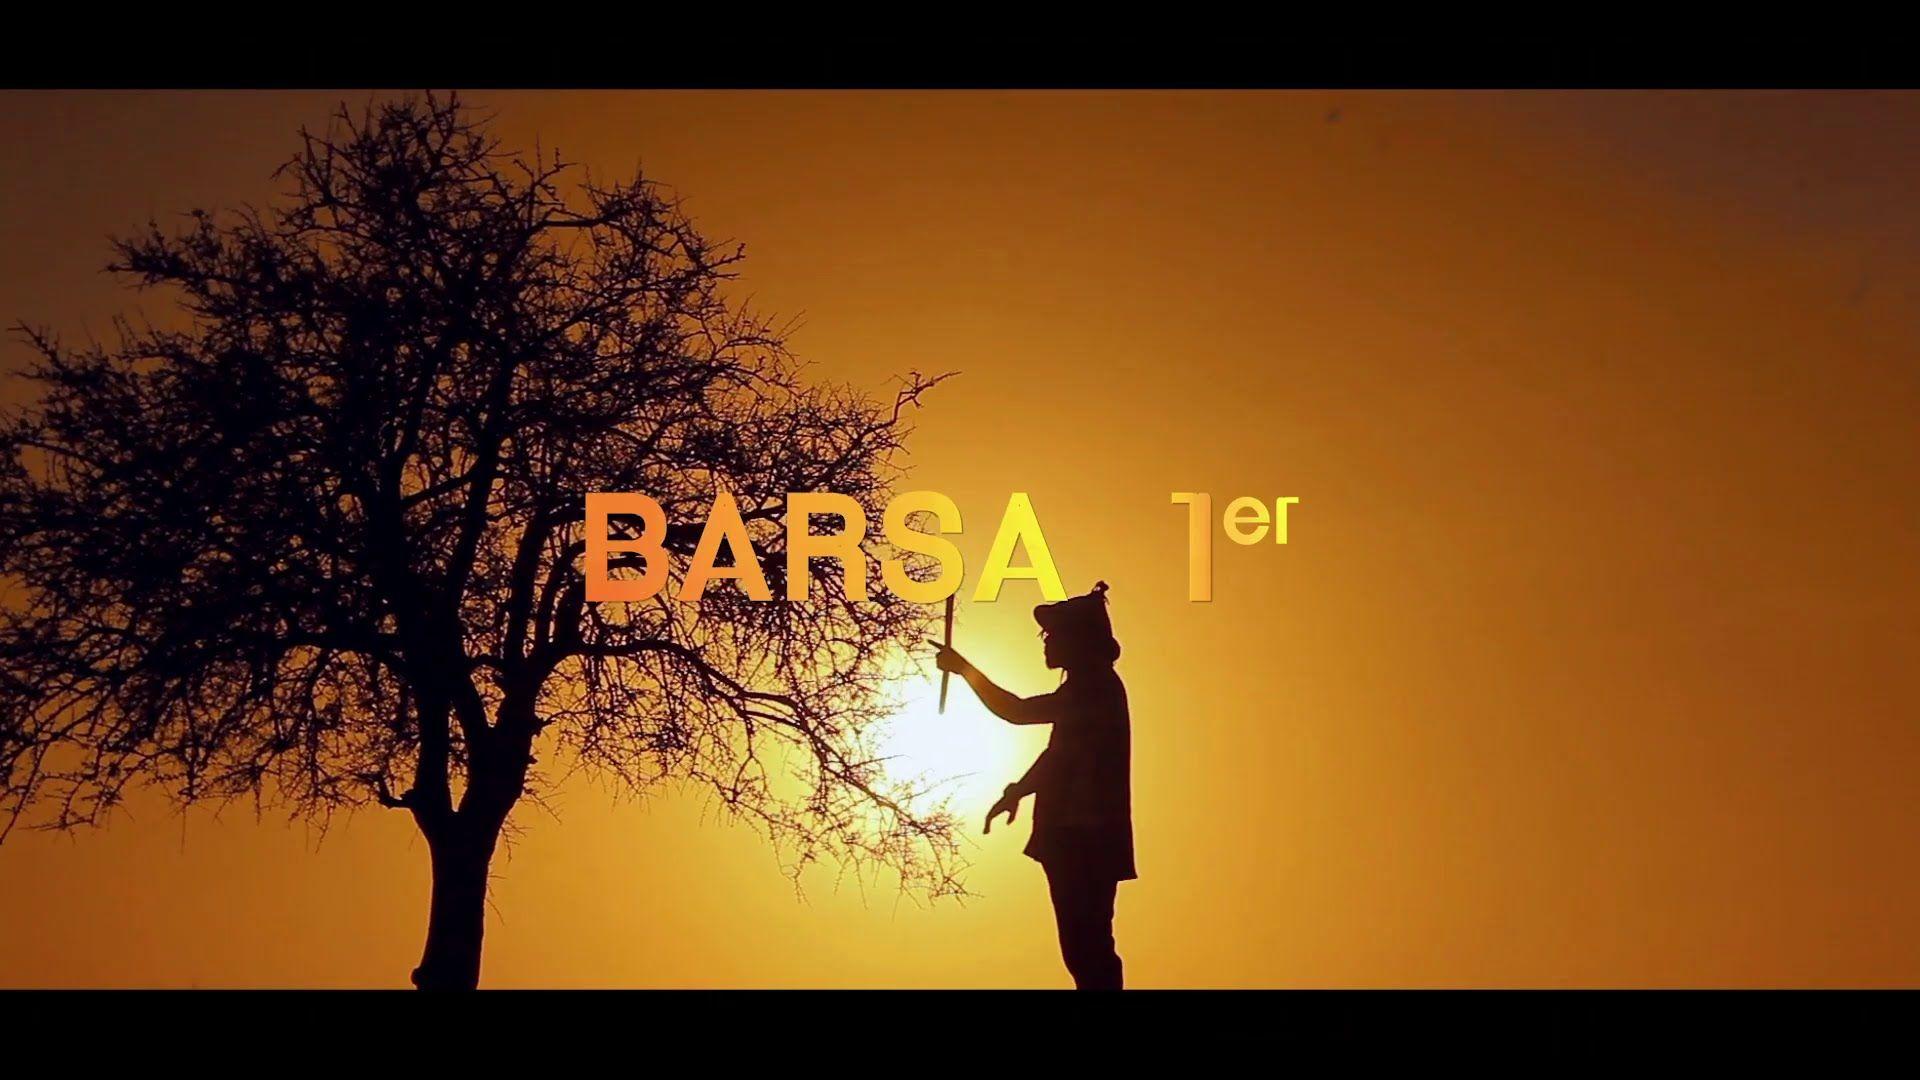 [Clip Officiel] Dj Barsa 1er - La chorale